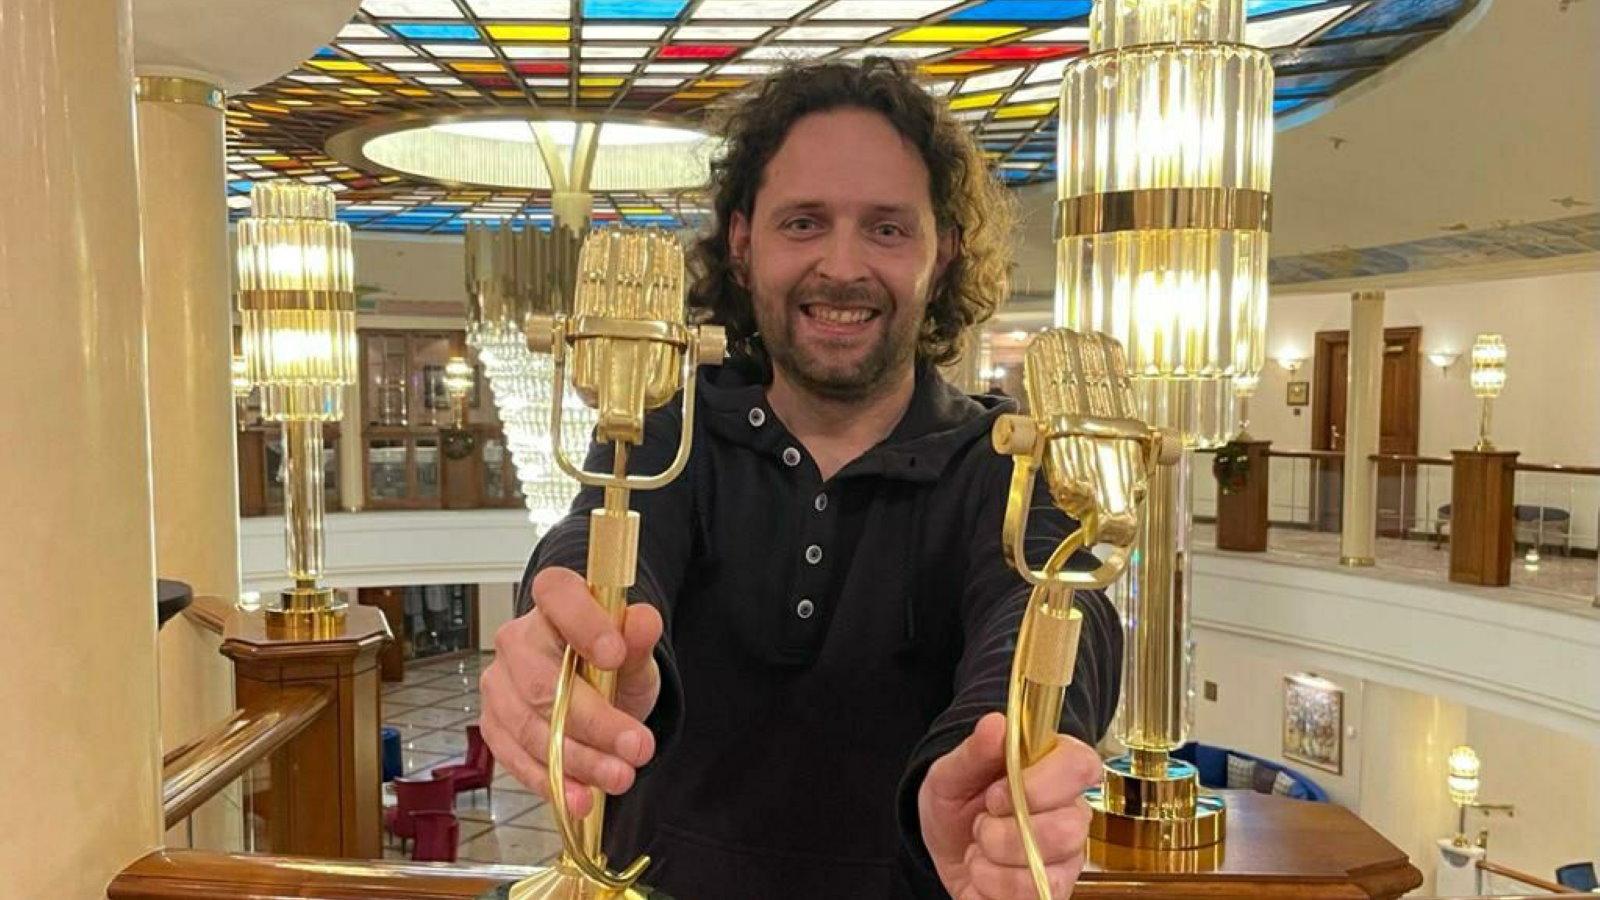 Программный директор Эльдорадио Андрей Дроздов XIX ежегодная Национальная премия в области радиовещания Радиомания 2020